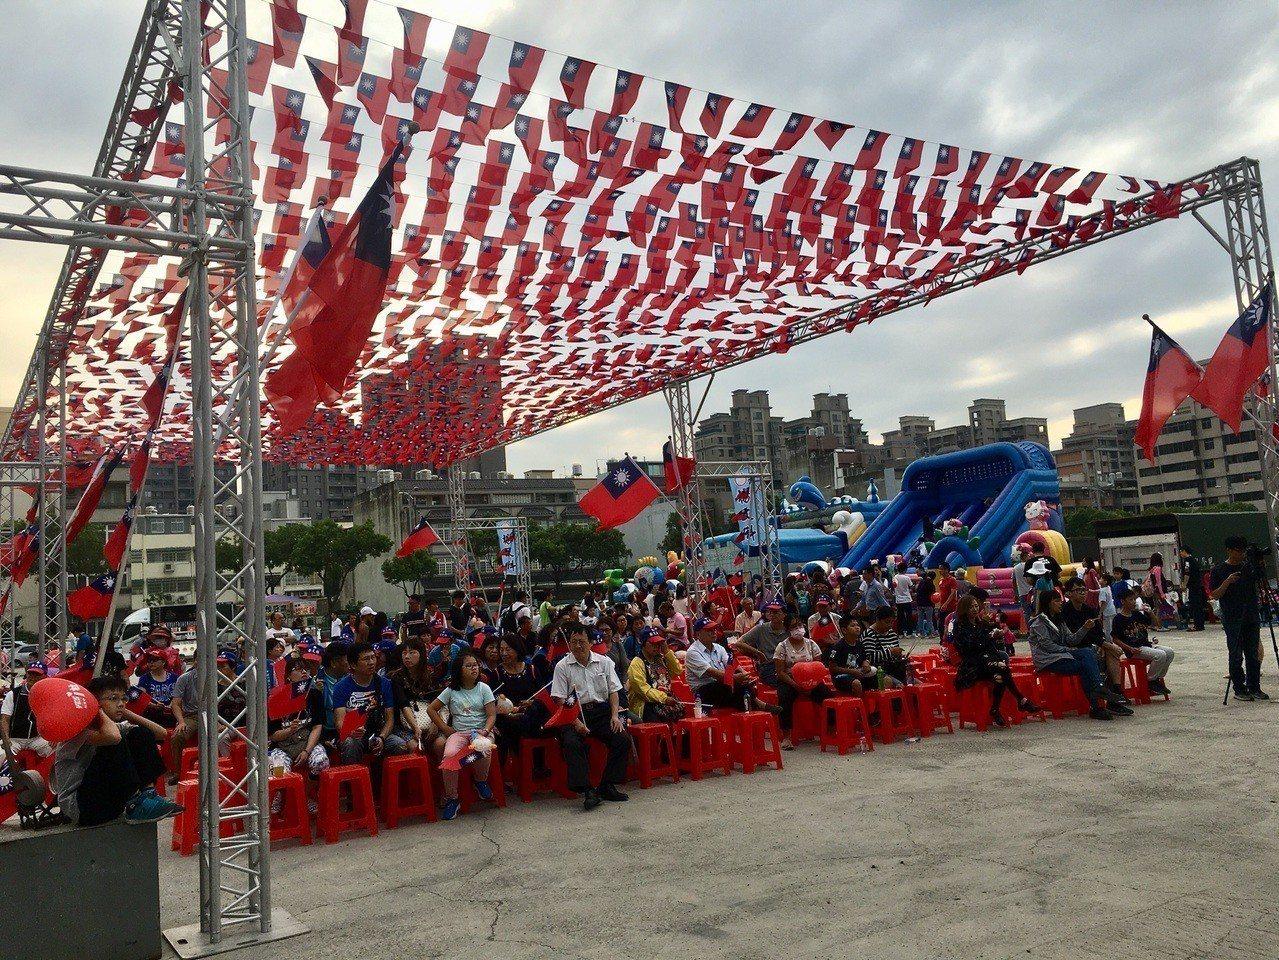 舞台前方是由許多小國旗連成的國旗隧道座位區。記者陳斯穎/攝影